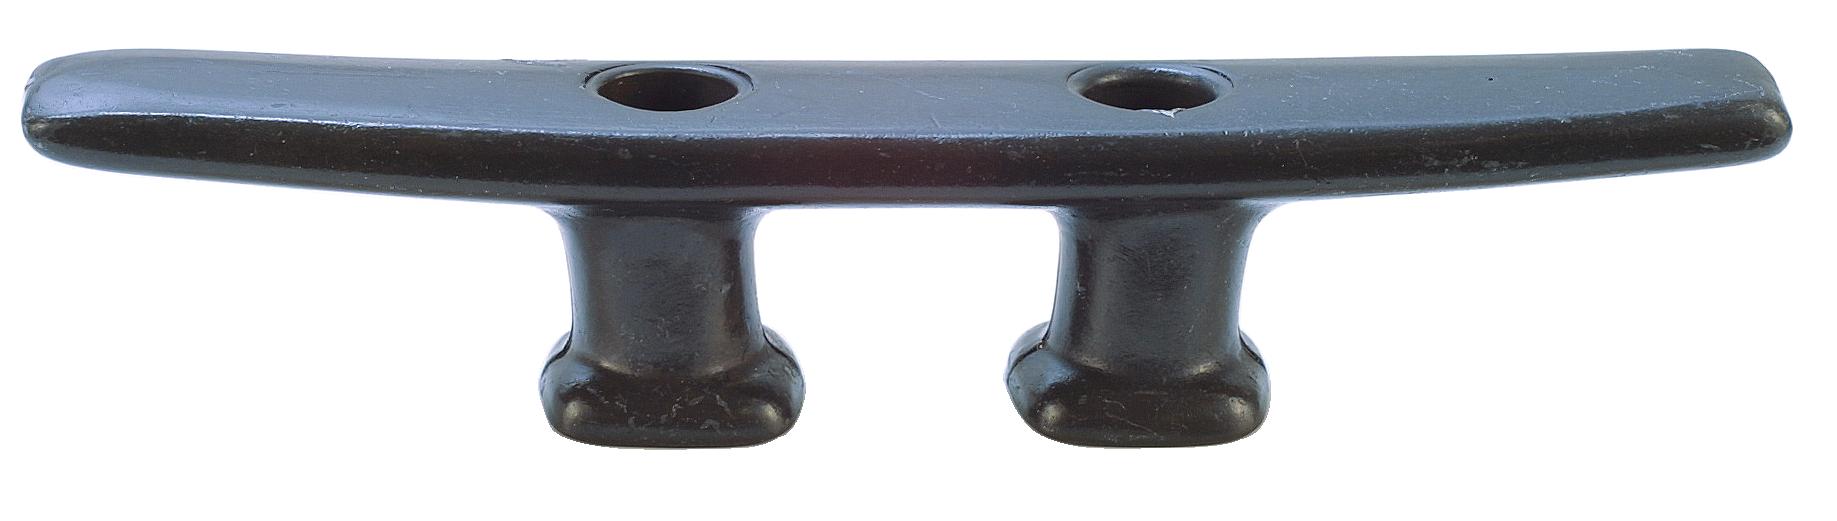 Knap aluminium 165 mm